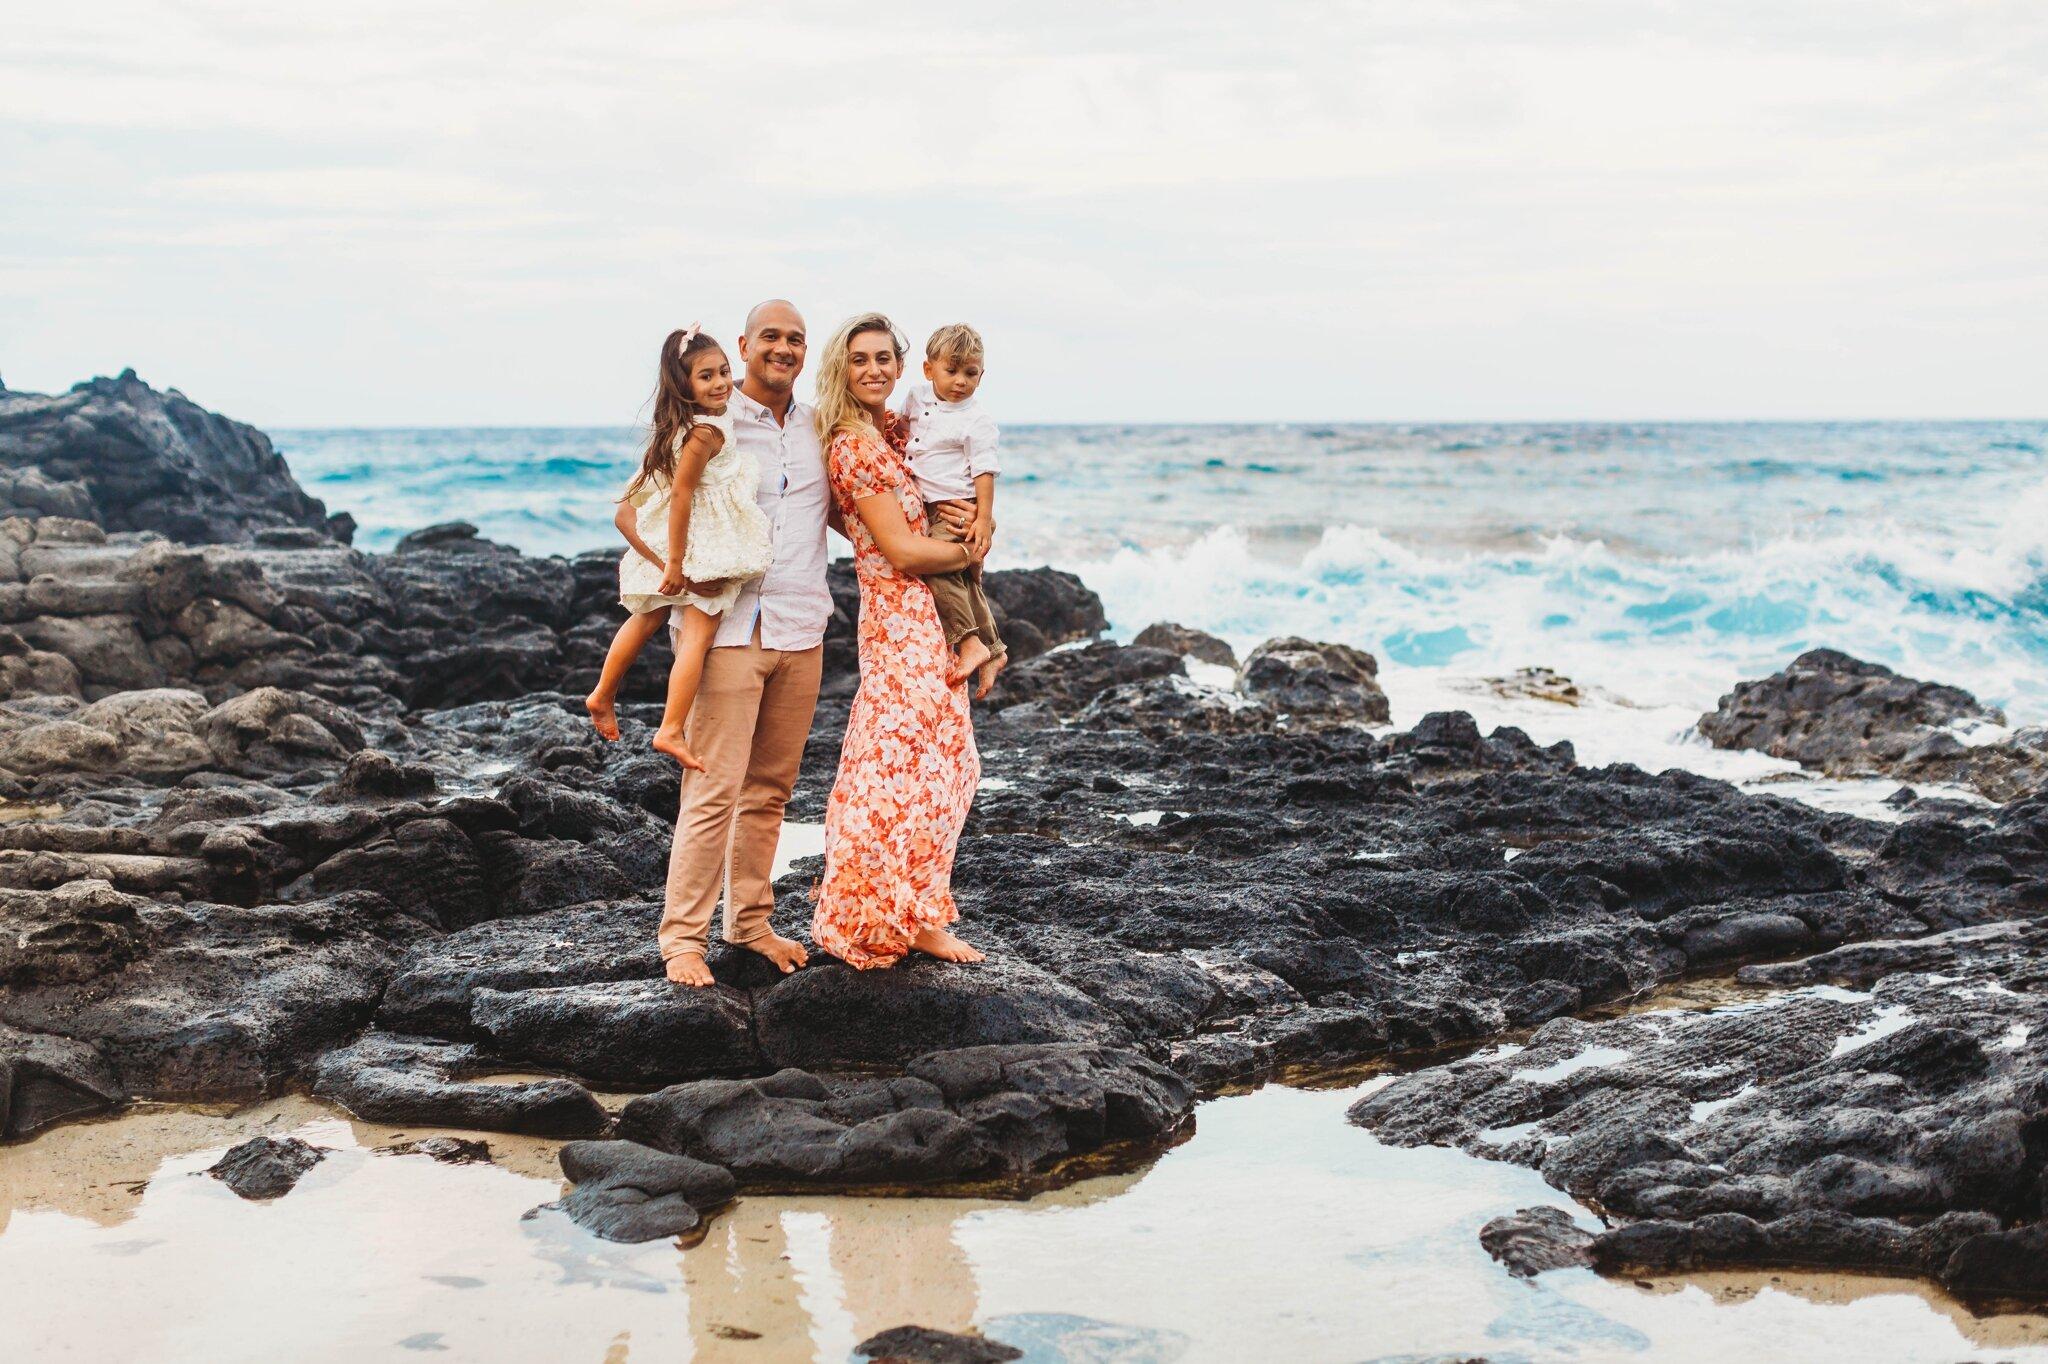 Makapu'u Beach Park Family Photography Session - Oahu Hawaii Photographer